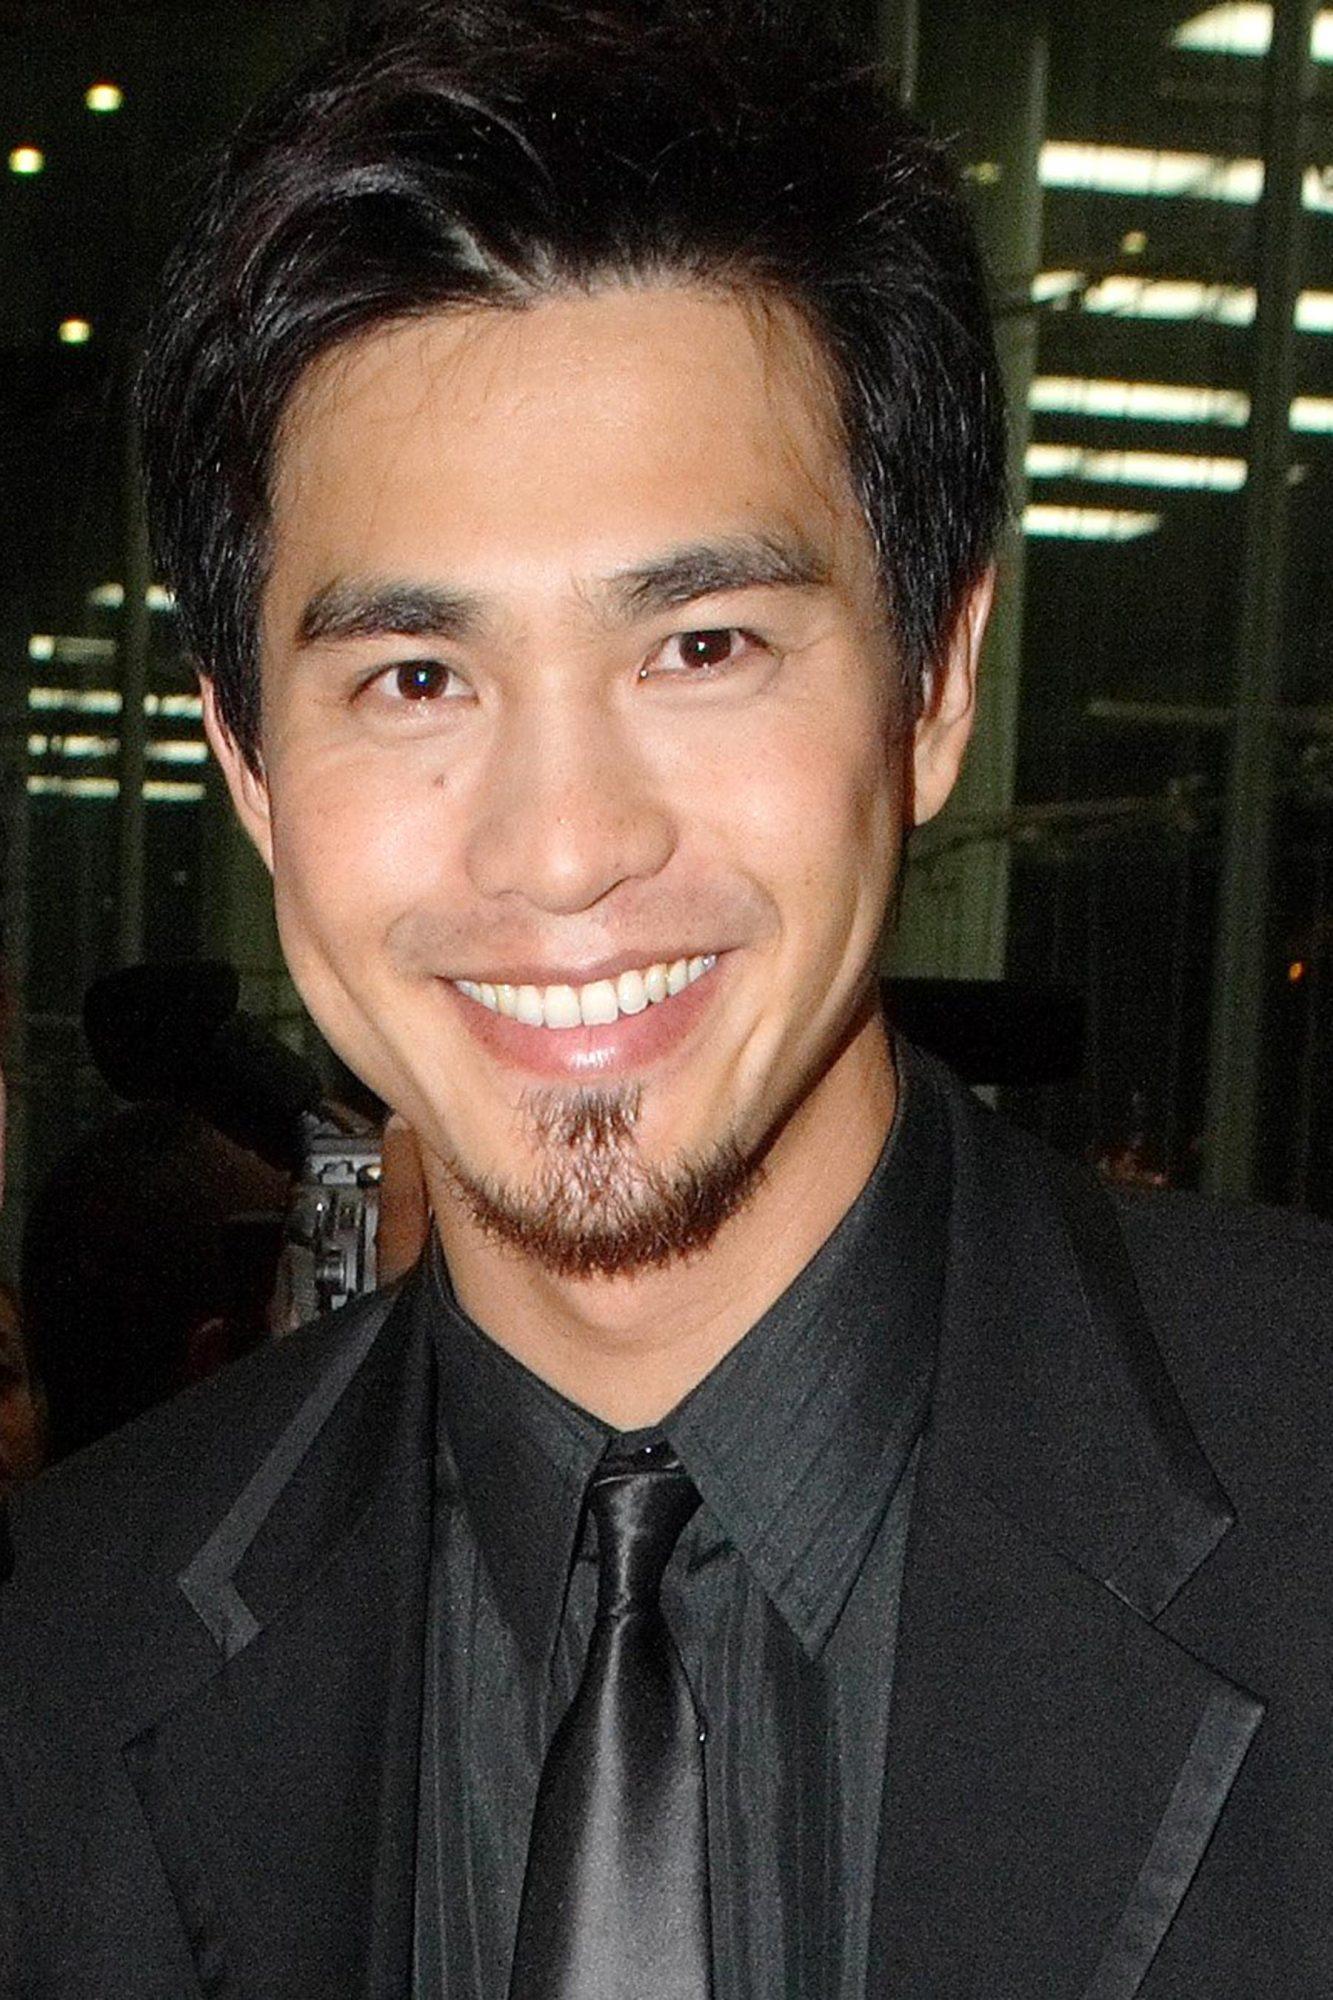 Asian Television Awards Gala 2006